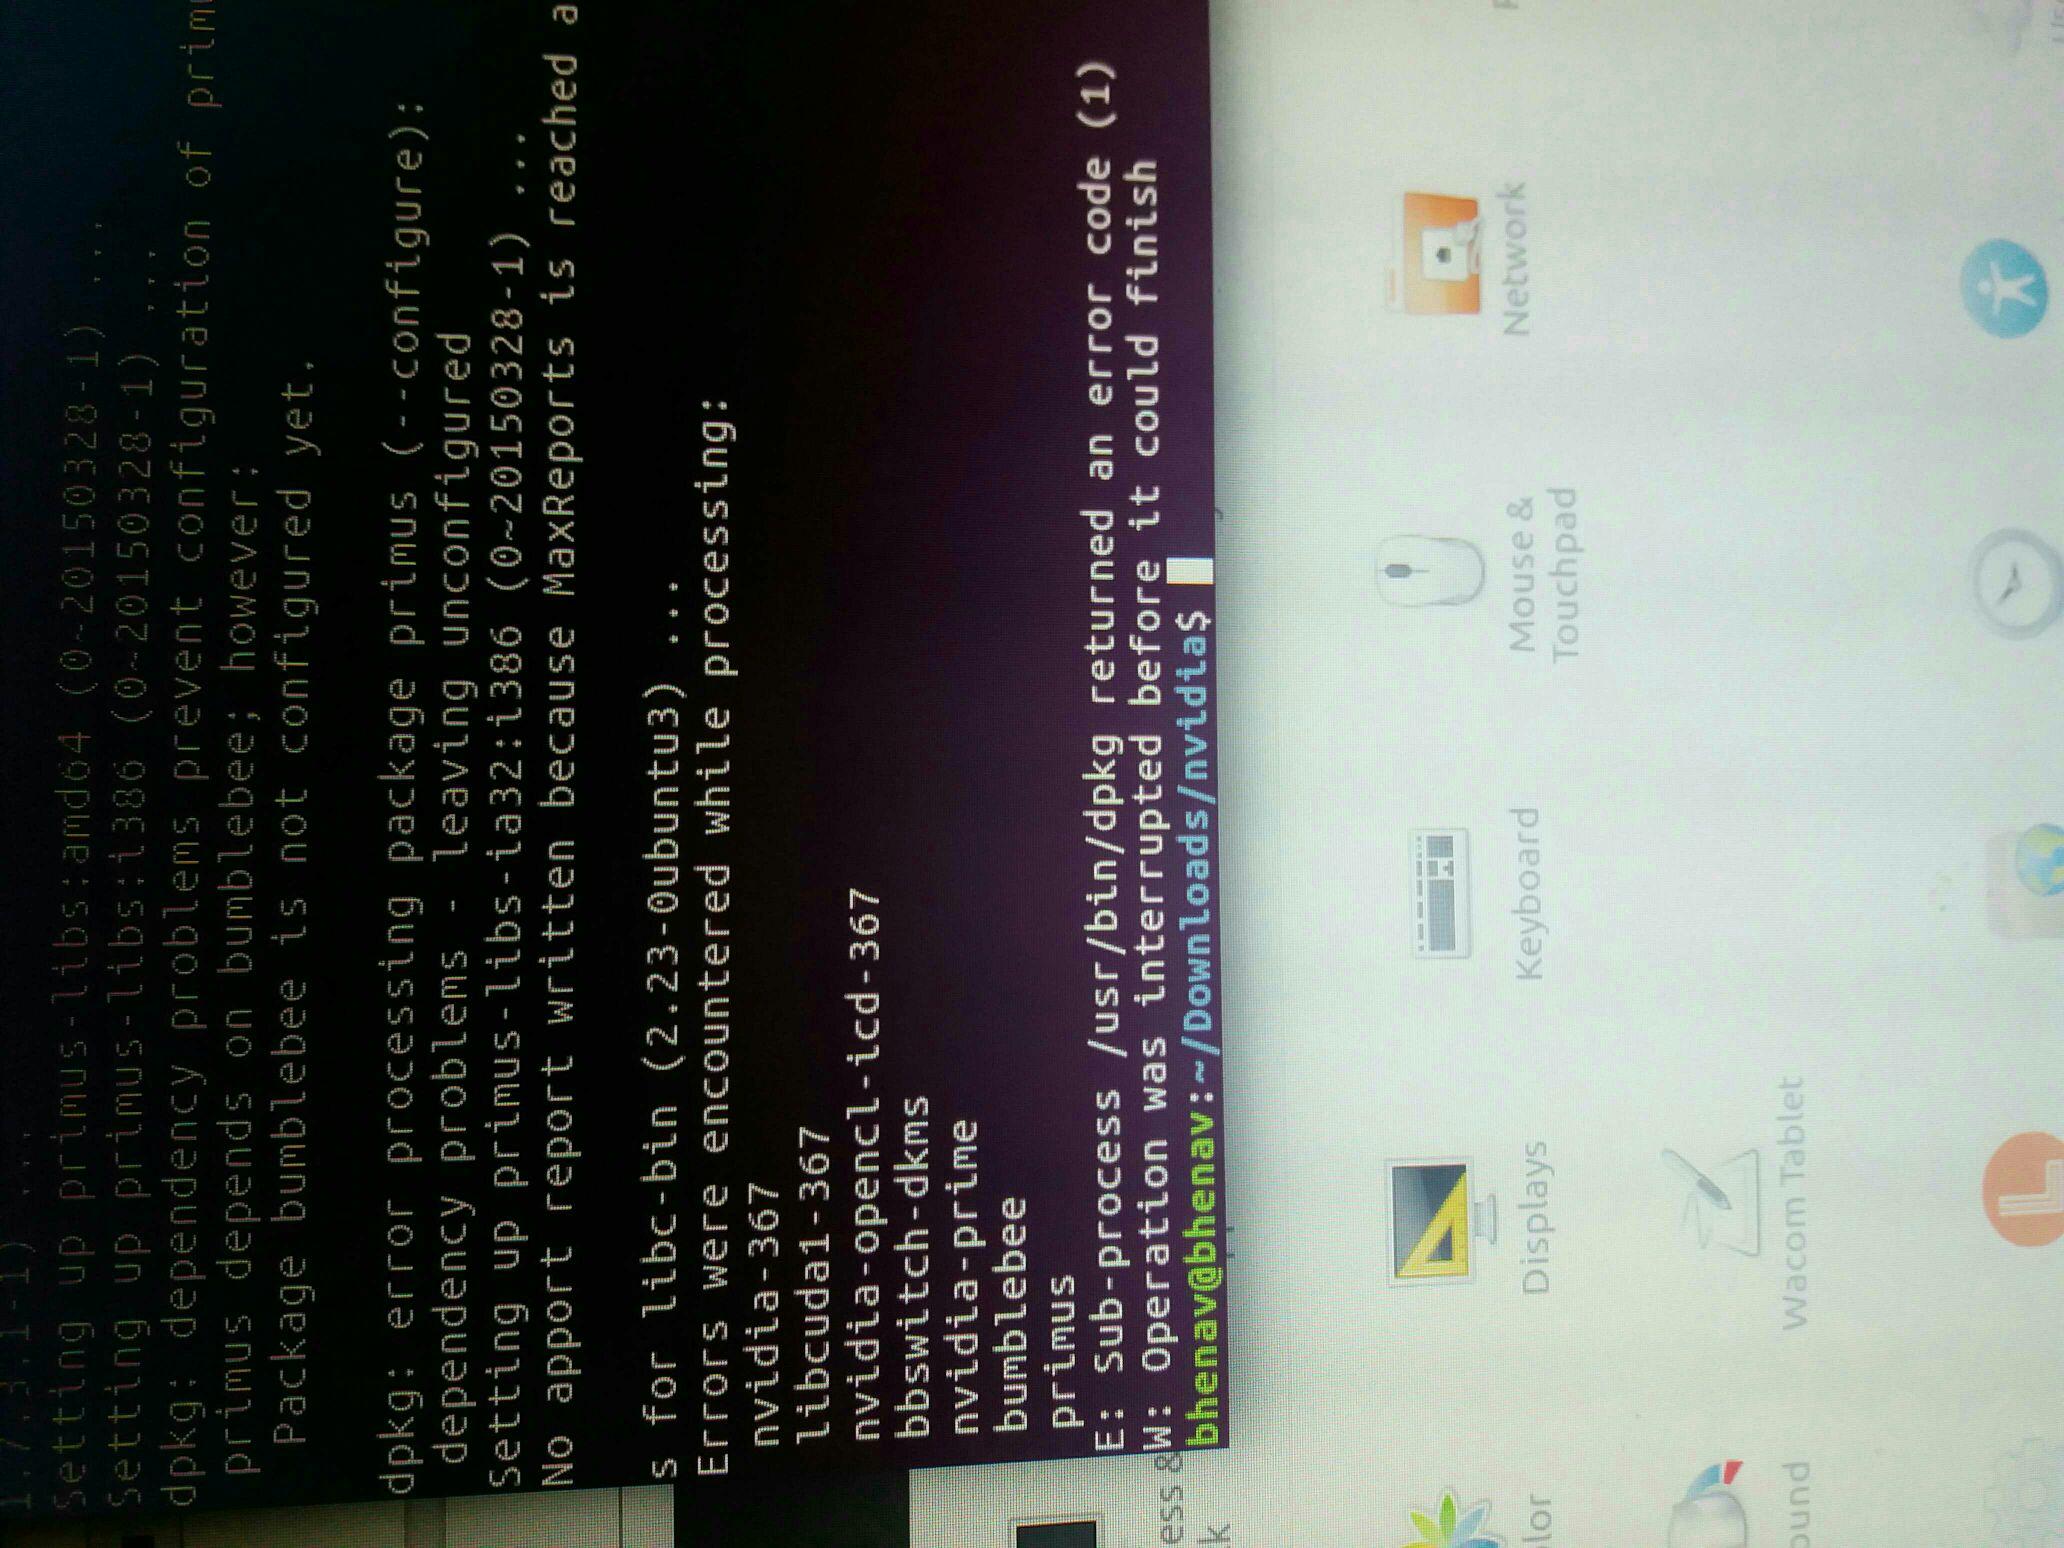 Nvidia kurulum hatası ubuntu 16 04